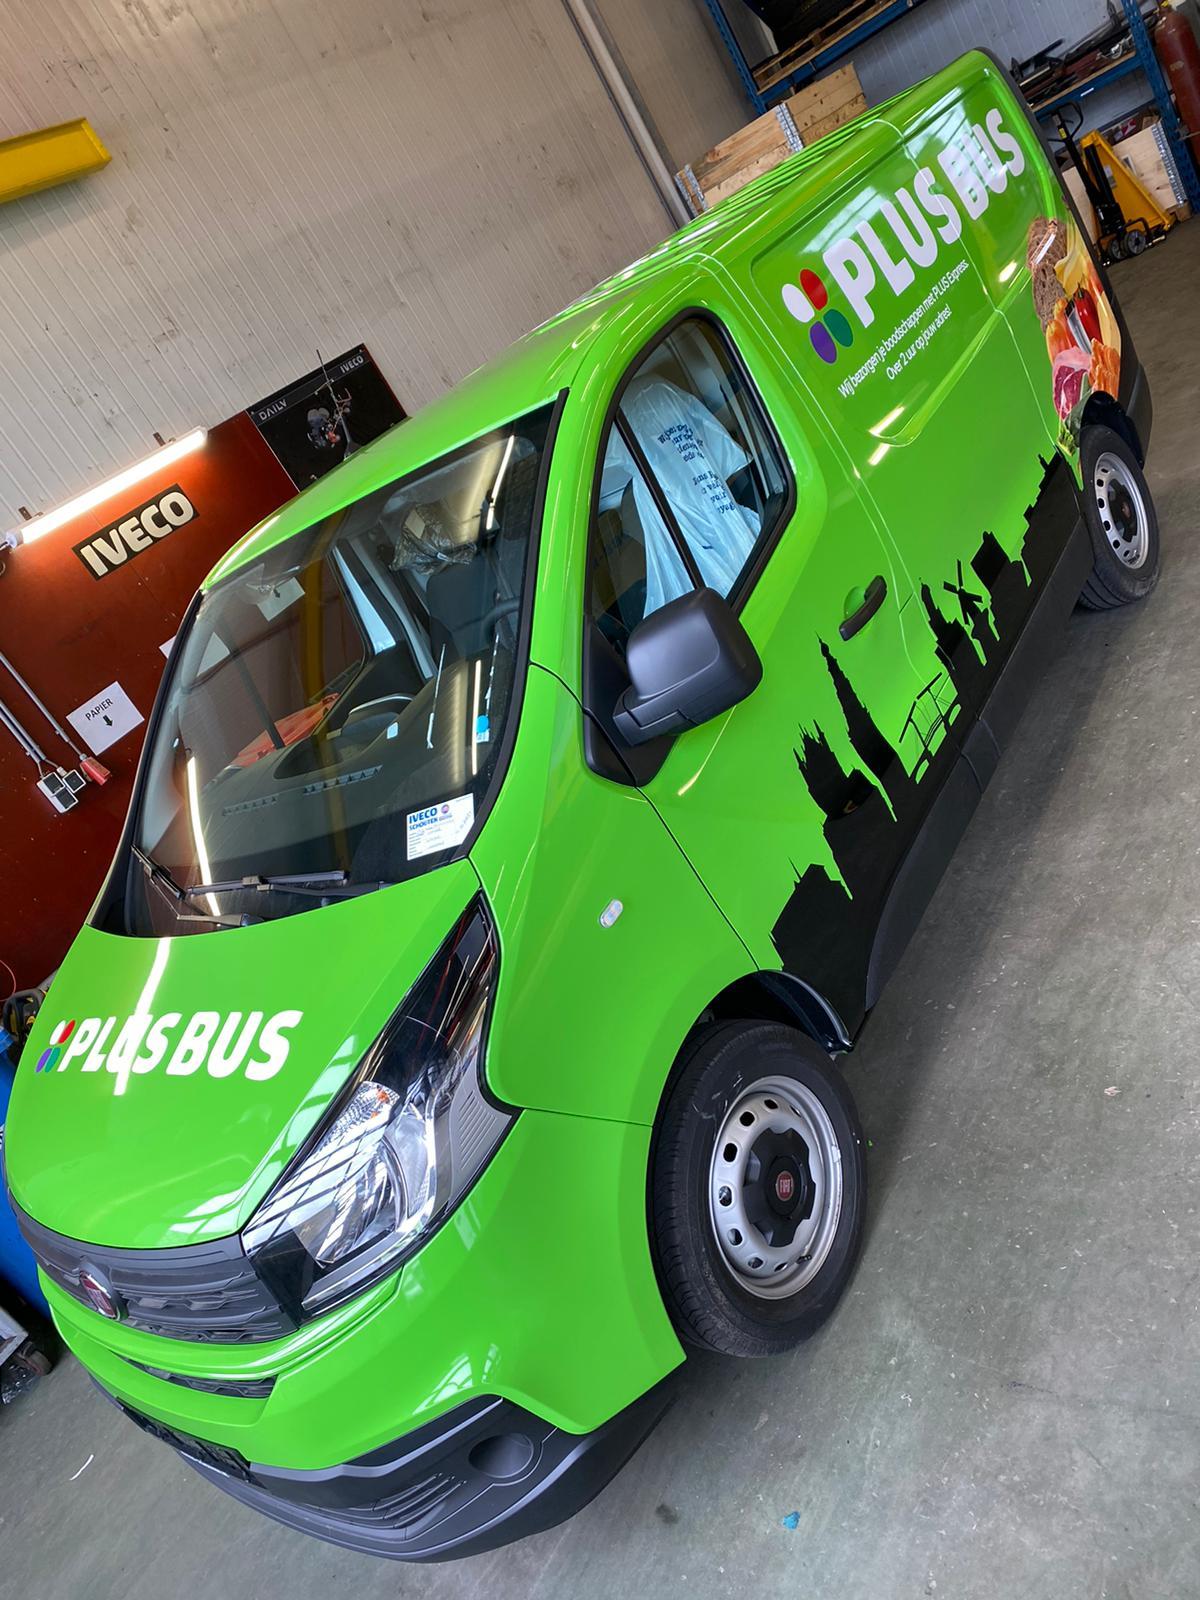 Bus wrap voor Plus supermarkt